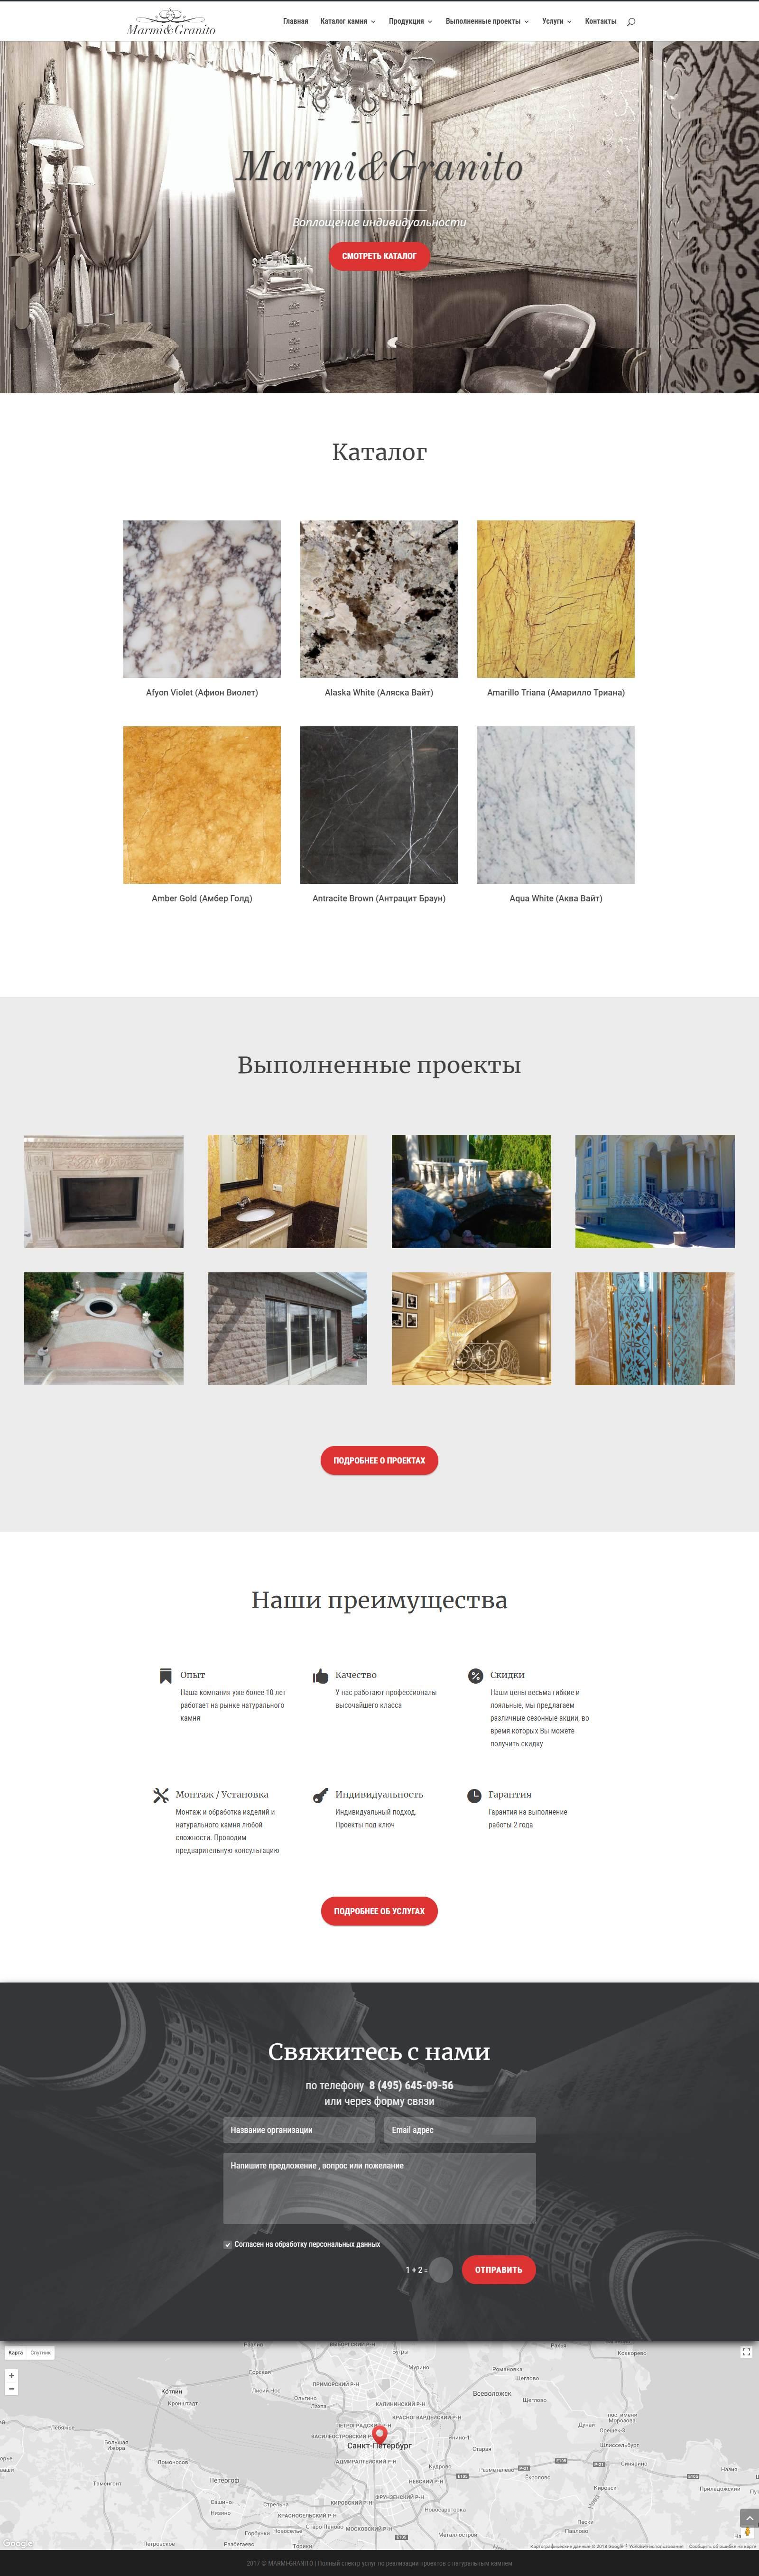 Каталог и интернет магазин натурального камня и изделий из него